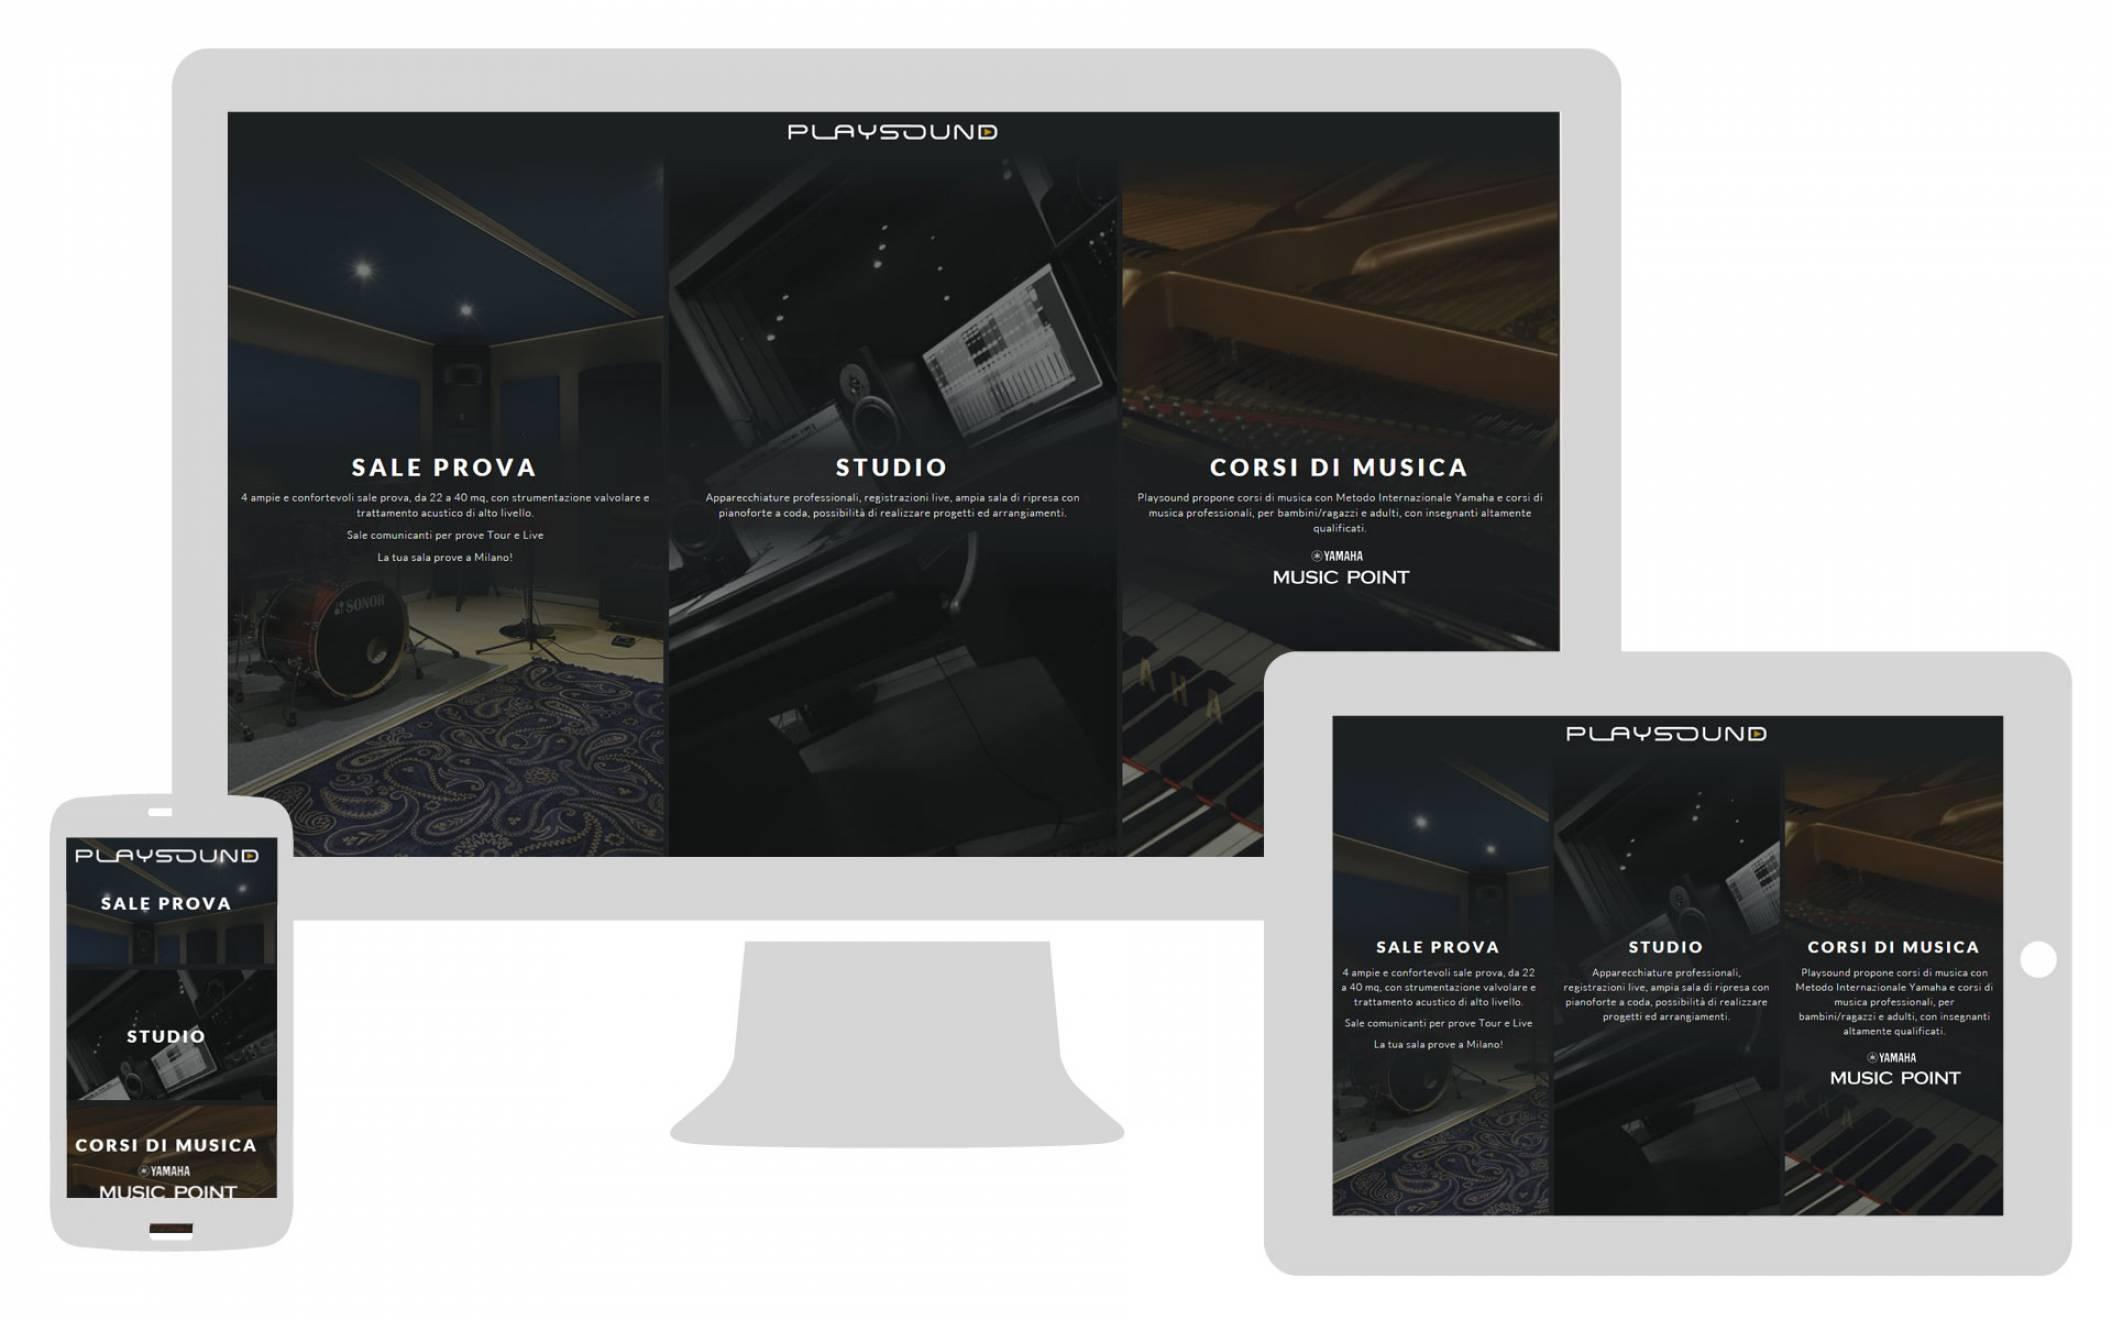 Creazione sito internet responsive Playsound